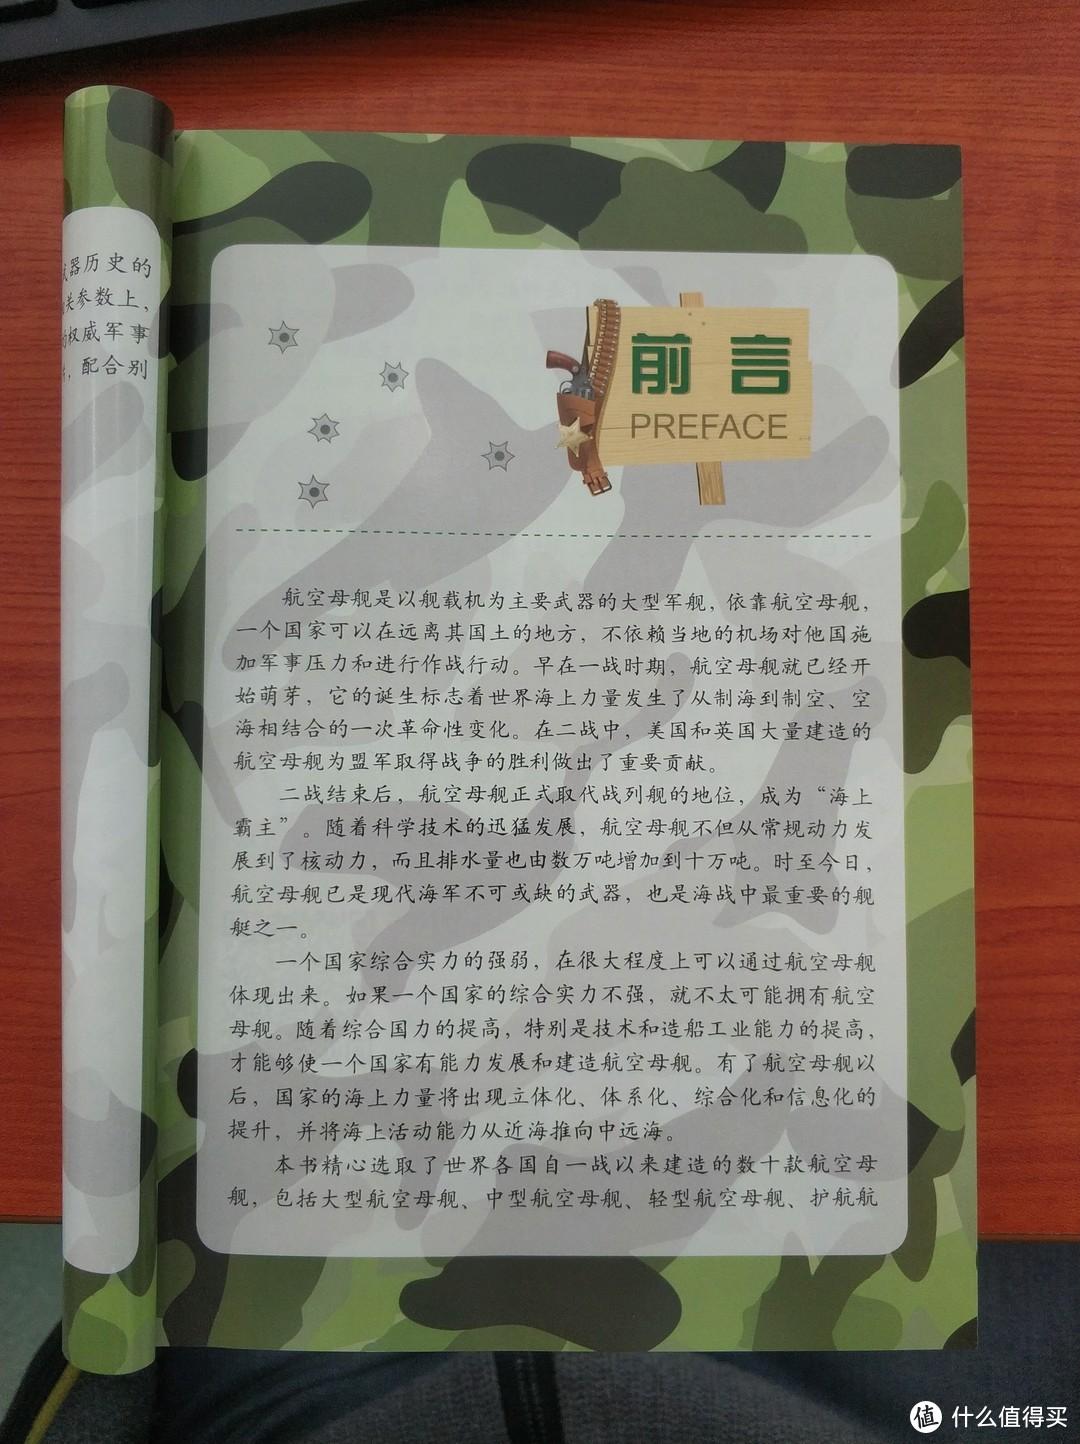 图书馆猿の2019读书计划23:《世界武器鉴赏系列:航空母舰鉴赏指南》